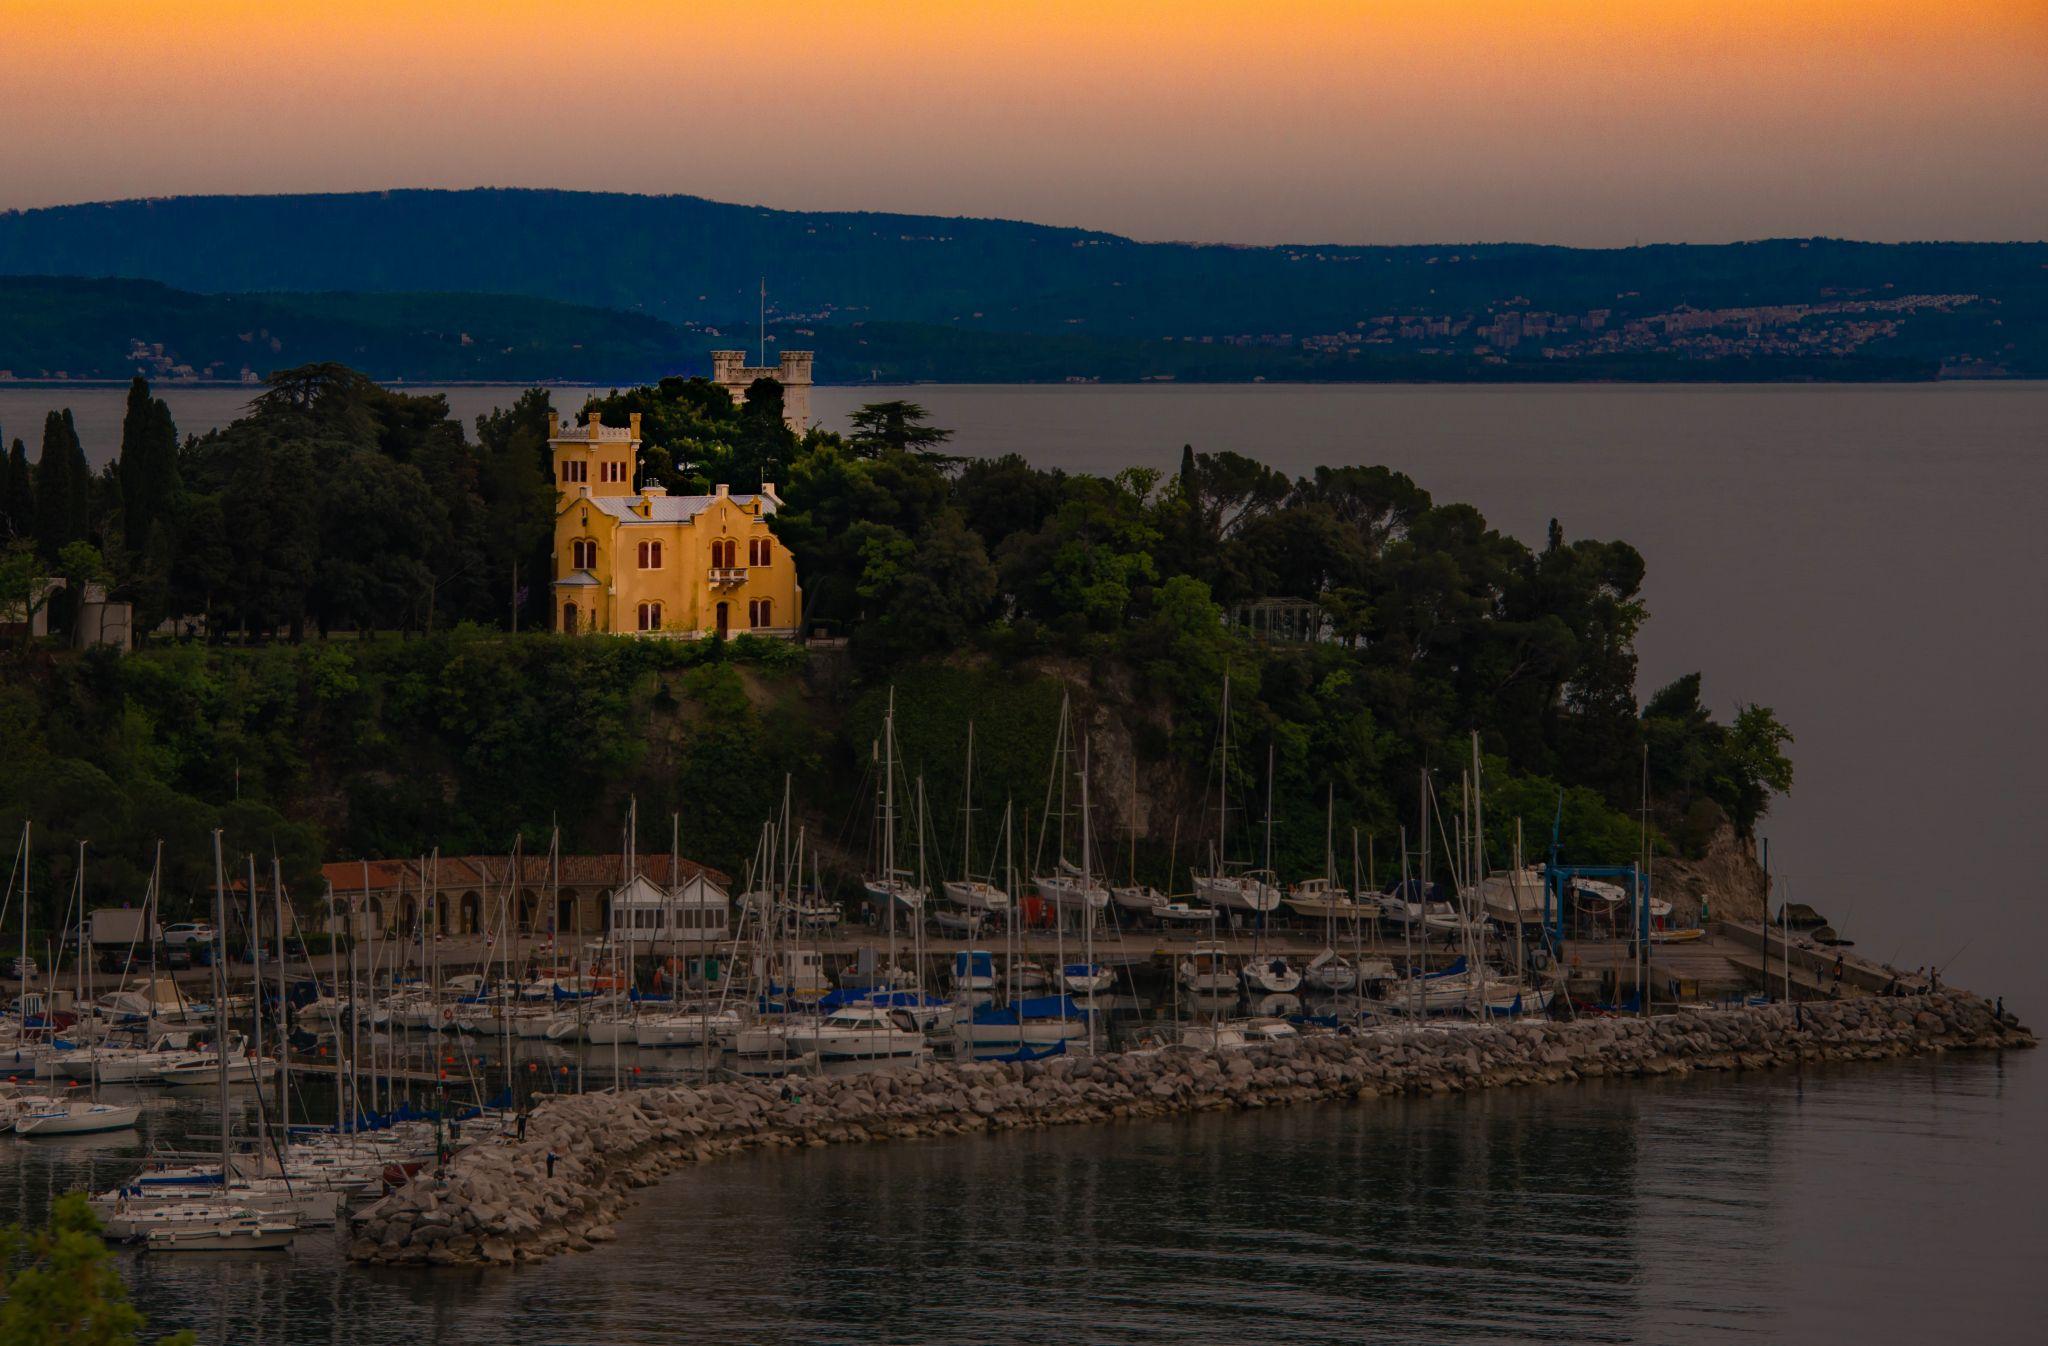 Castello di Miramare, Trieste, Italy